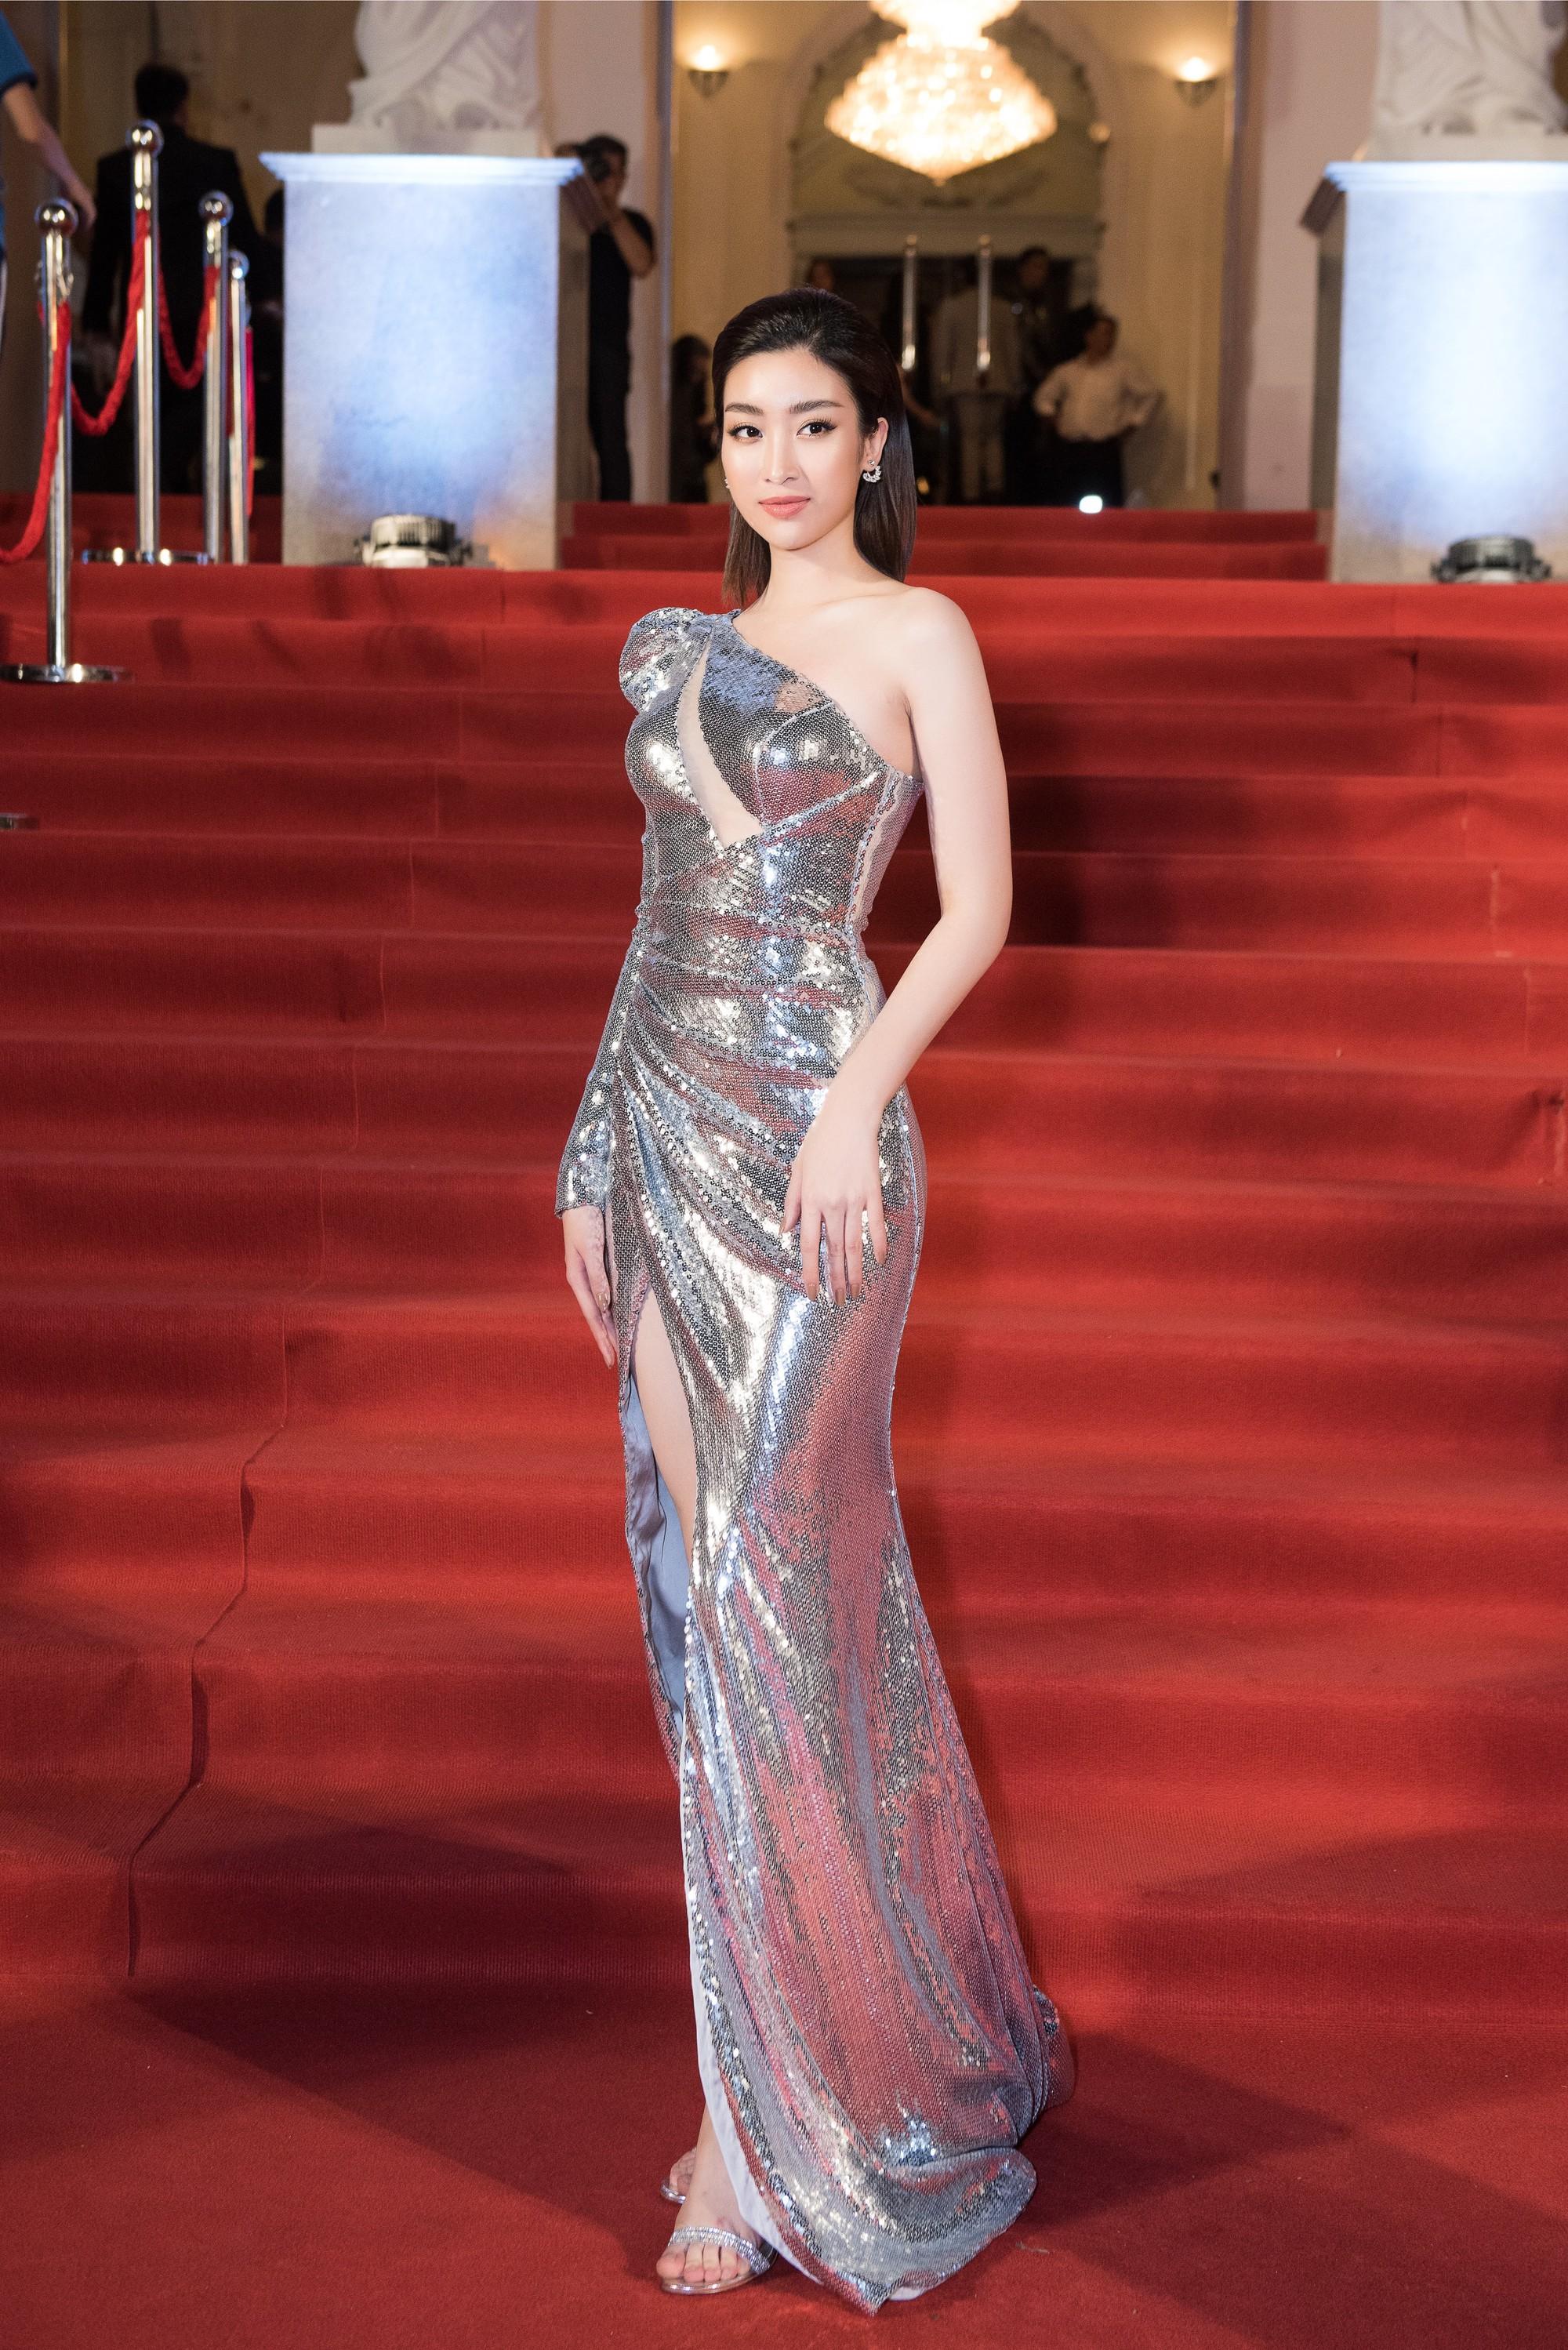 Clip: Hoa hậu Đỗ Mỹ Linh nhầm lẫn tai hại, dõng dạc gọi Hà Anh Tuấn là nữ ca sĩ trên sóng trực tiếp - Ảnh 3.